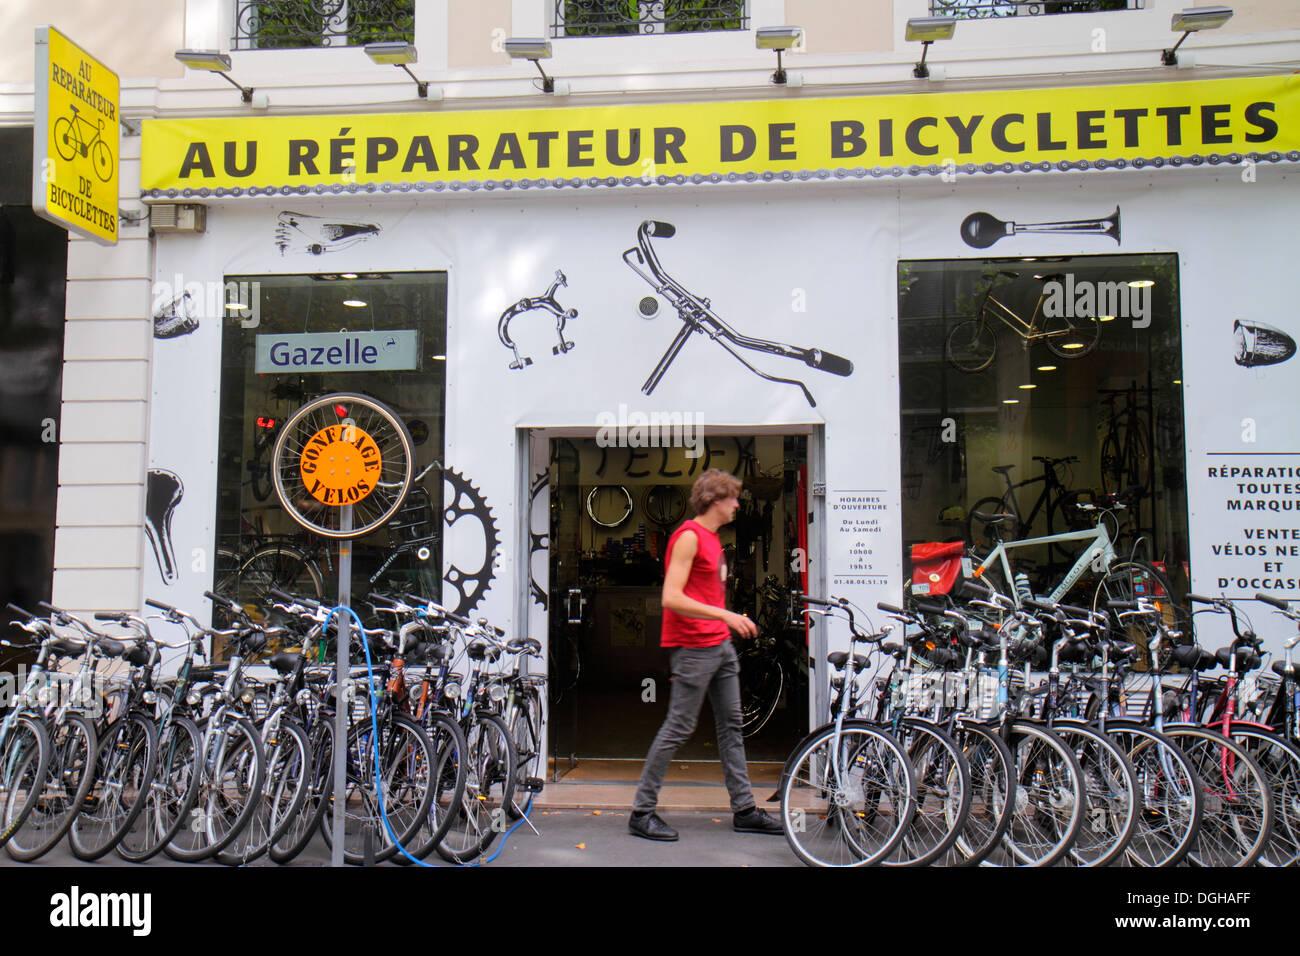 Paris France Europe French 4th arrondissement Boulevard de Sébastopol Au Réparateur de Bicyclettes bicycle repair shop display - Stock Image